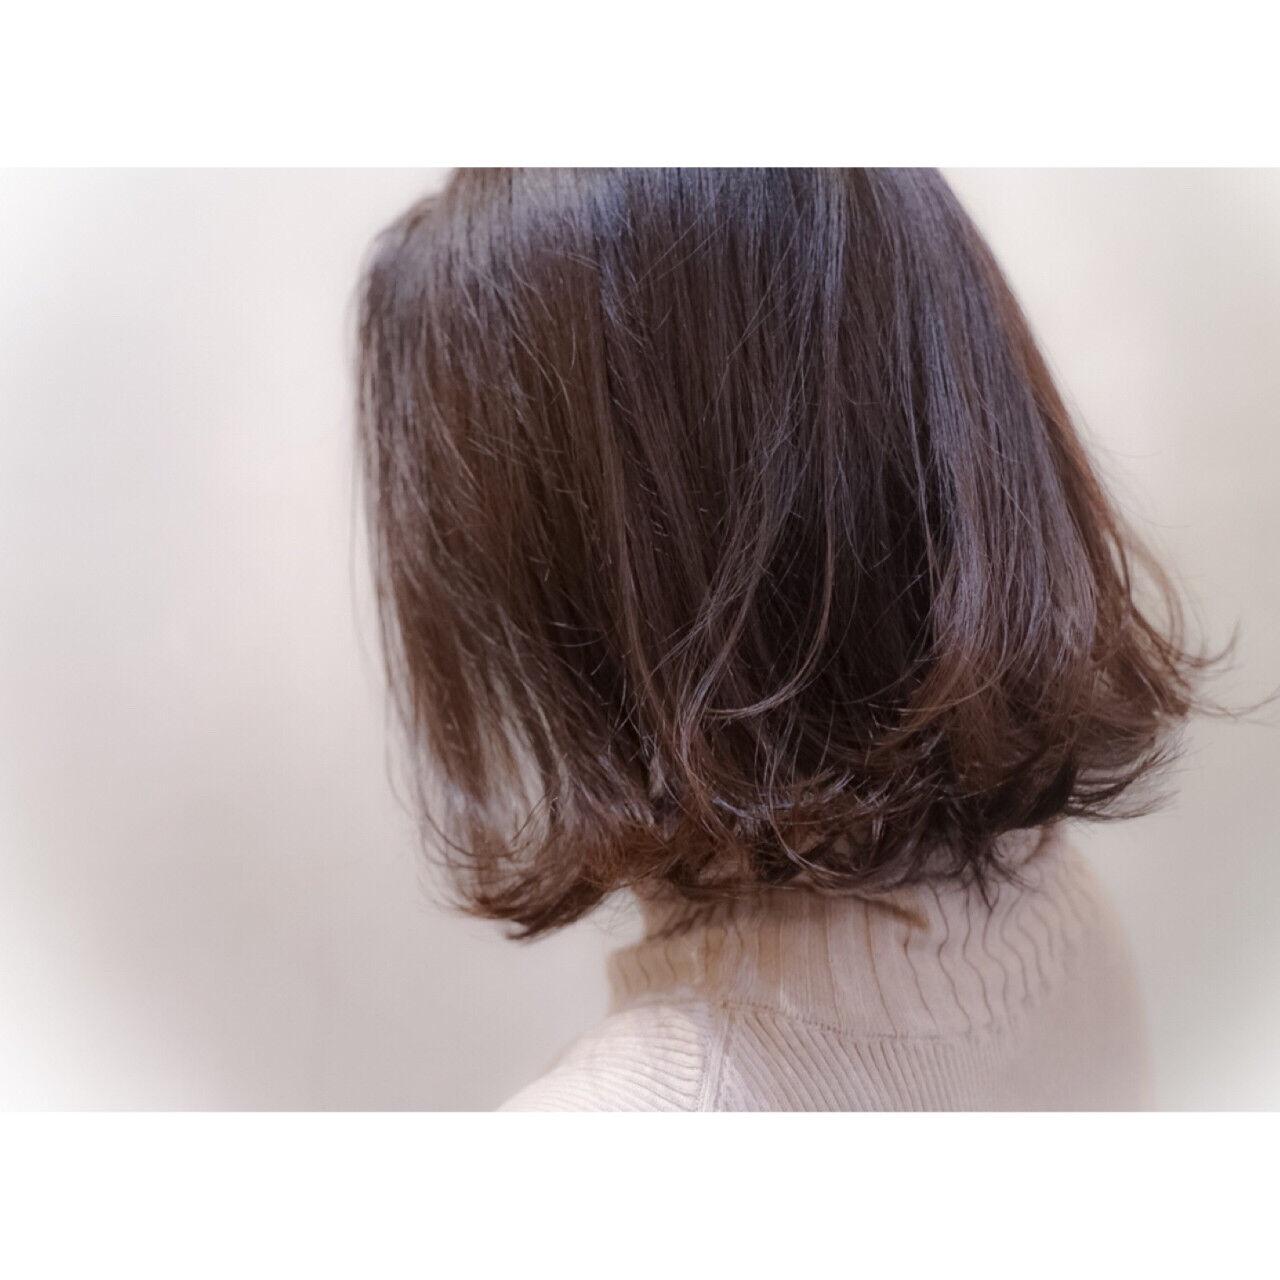 ナチュラル ハイライト ボブ アッシュヘアスタイルや髪型の写真・画像